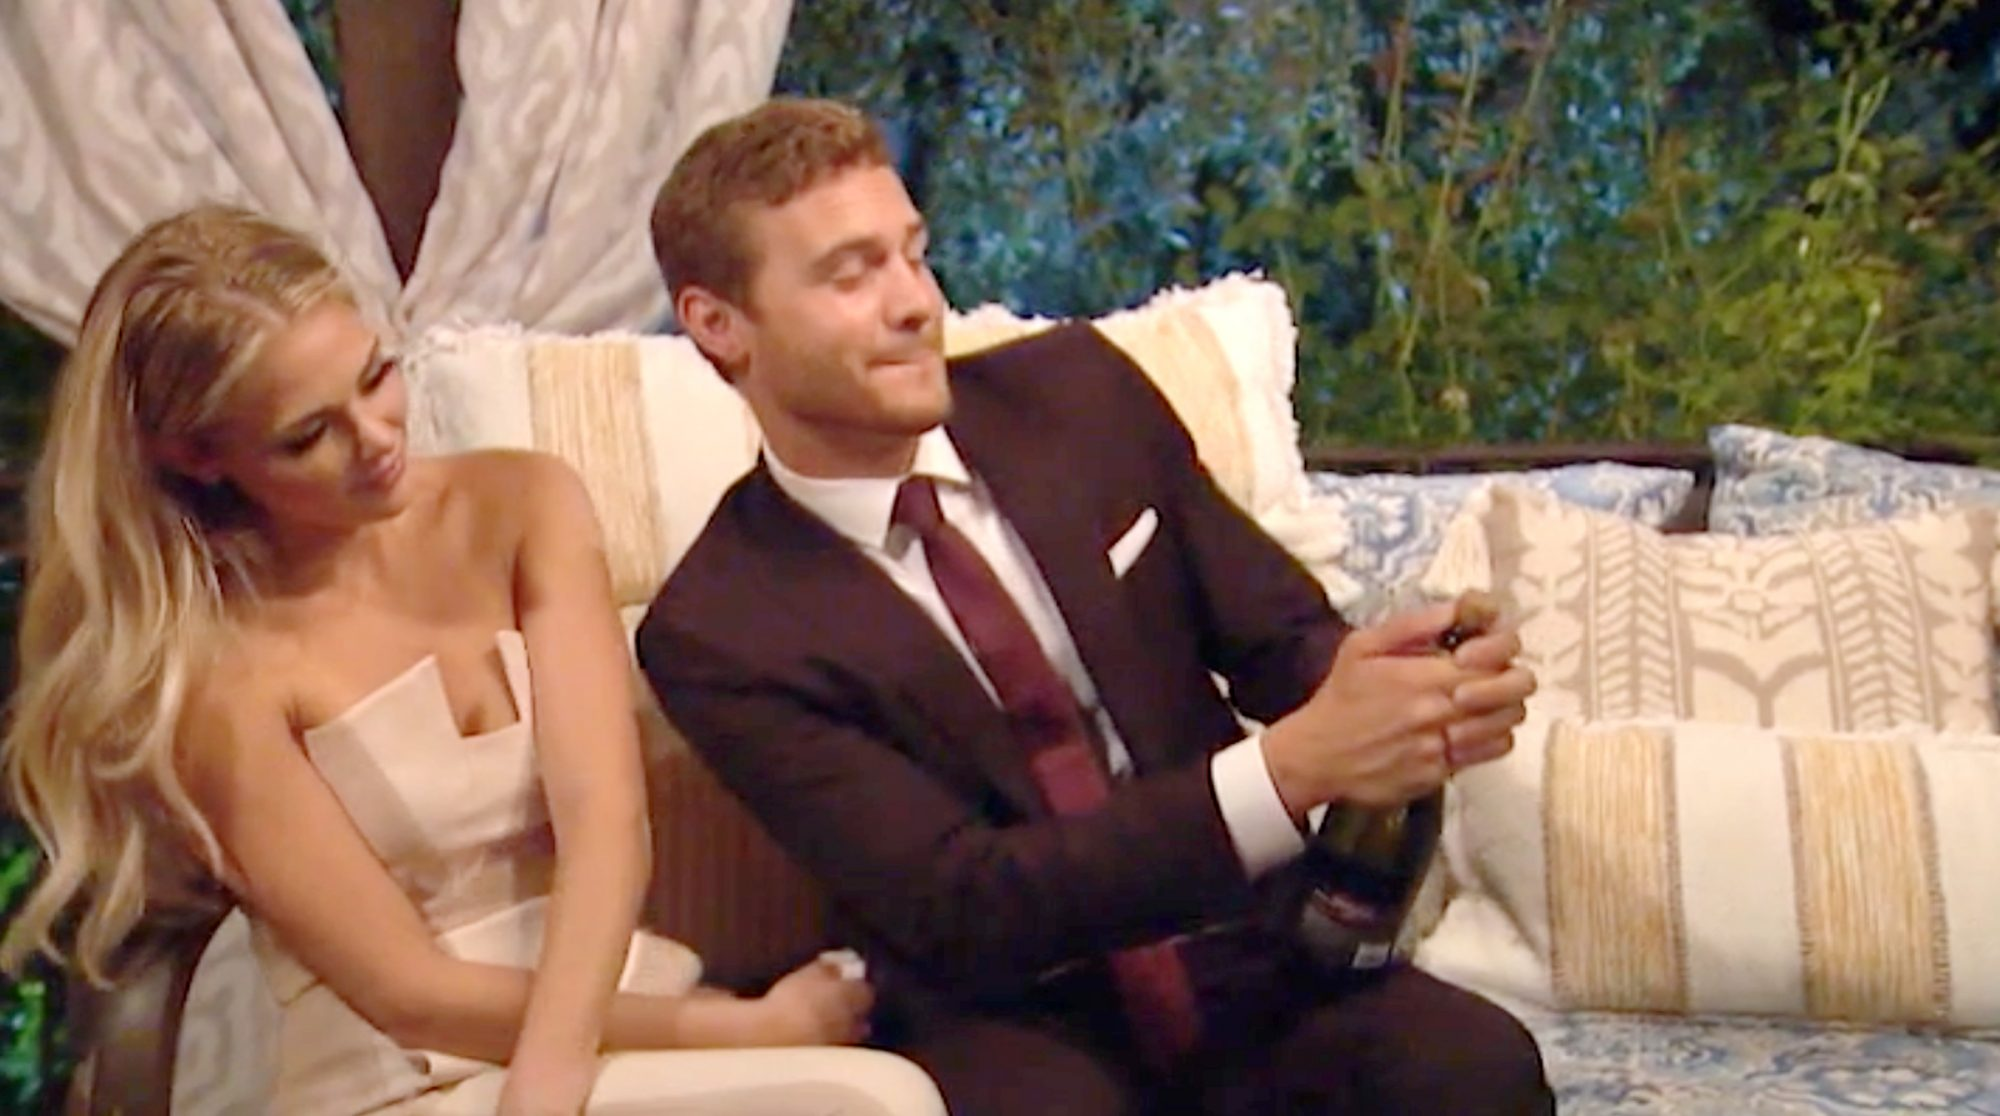 the Bachelor screen grab